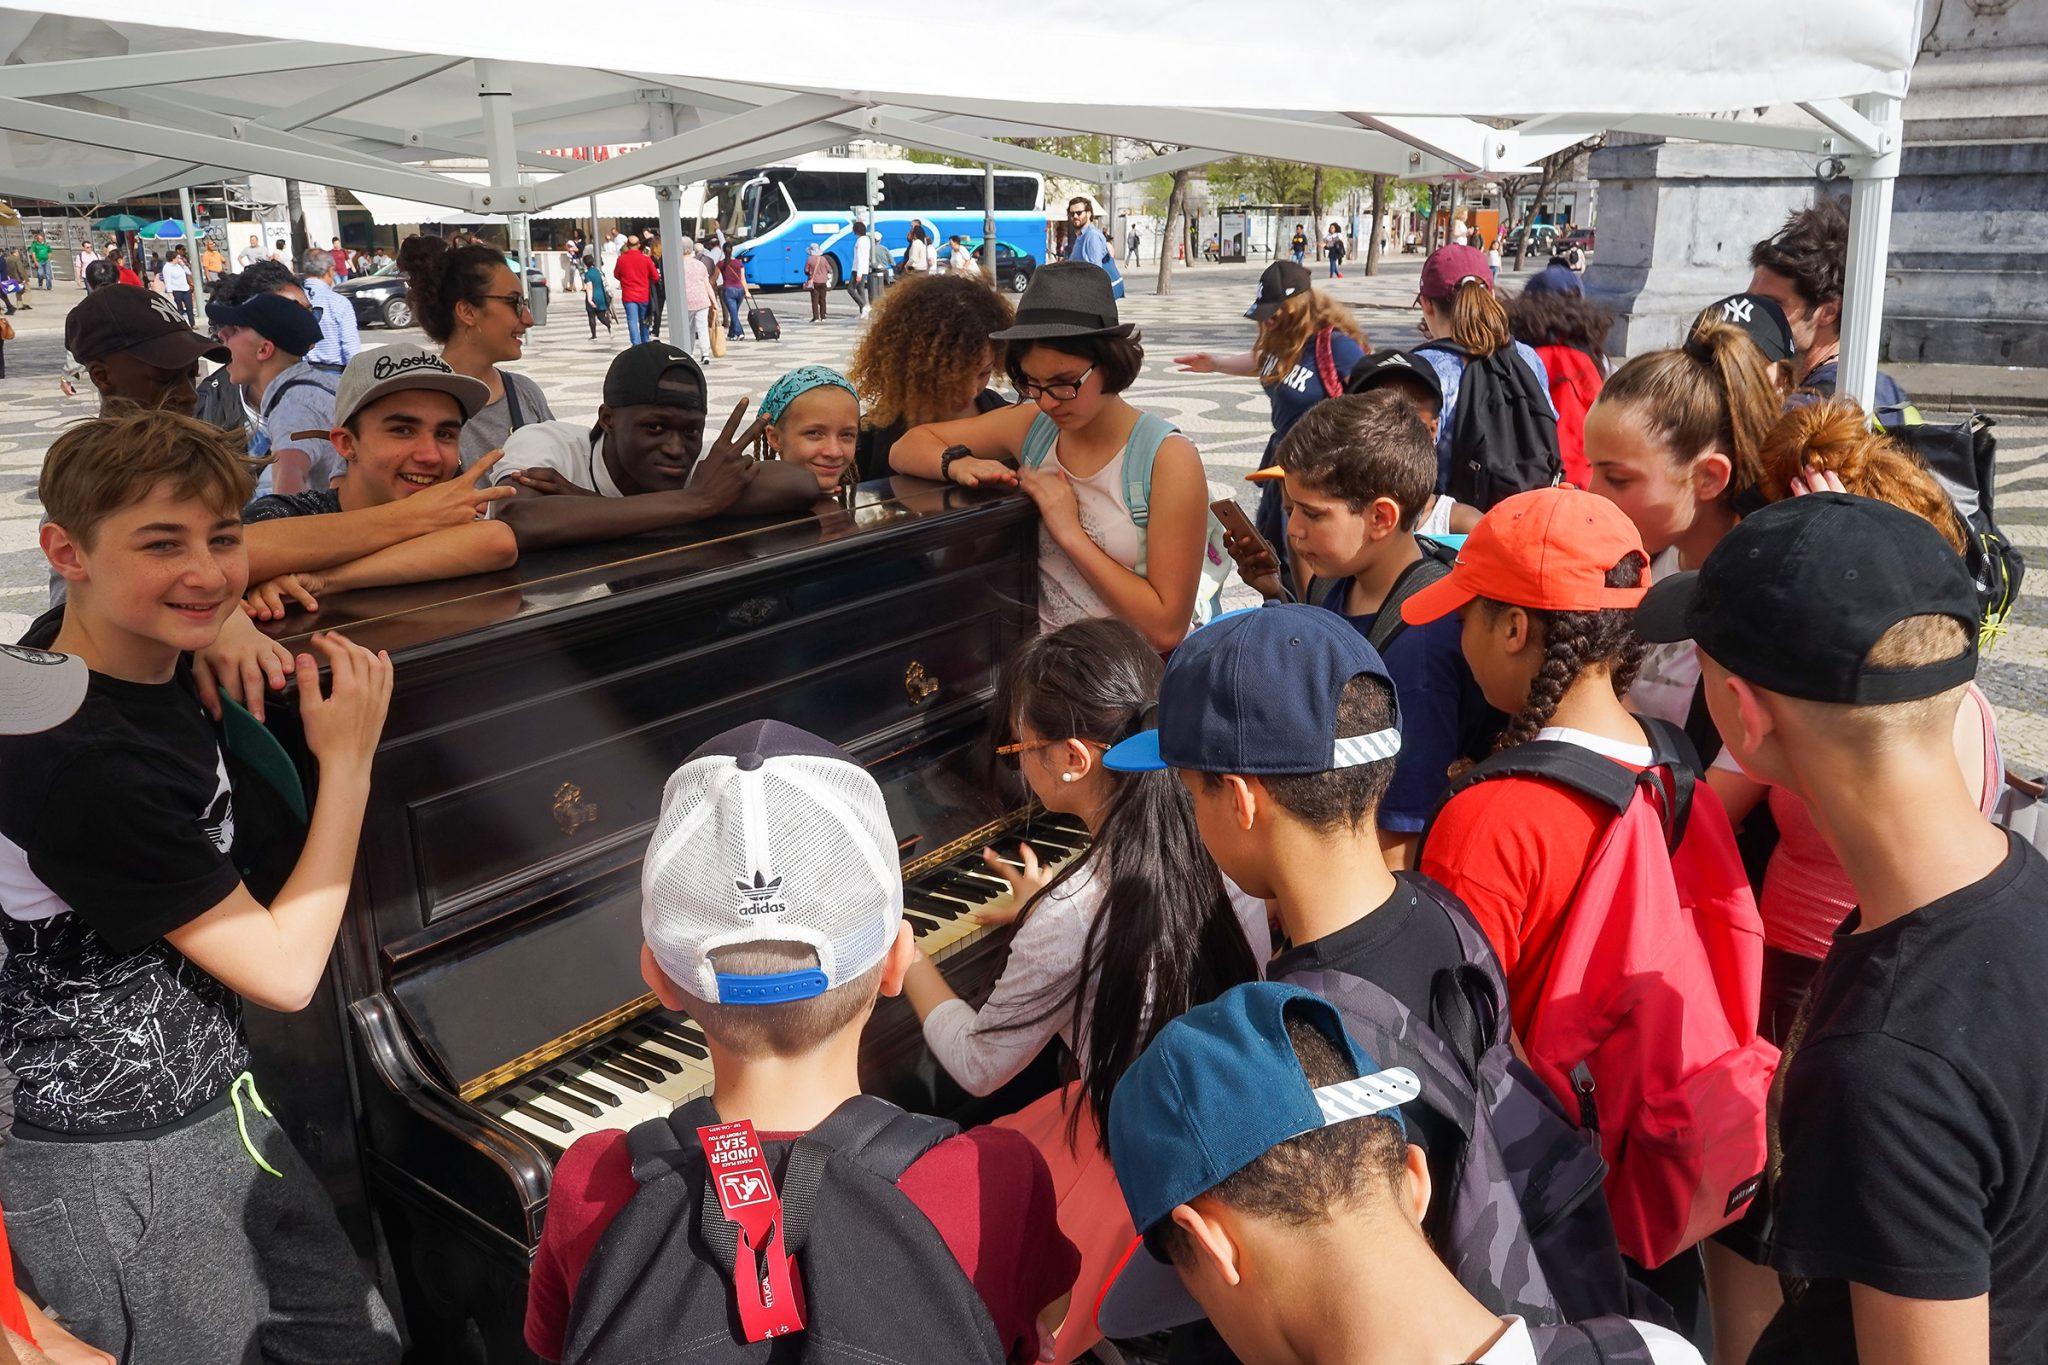 Um grupo de crianças a rodear um piano no meio da rua, enquanto alguém toca.